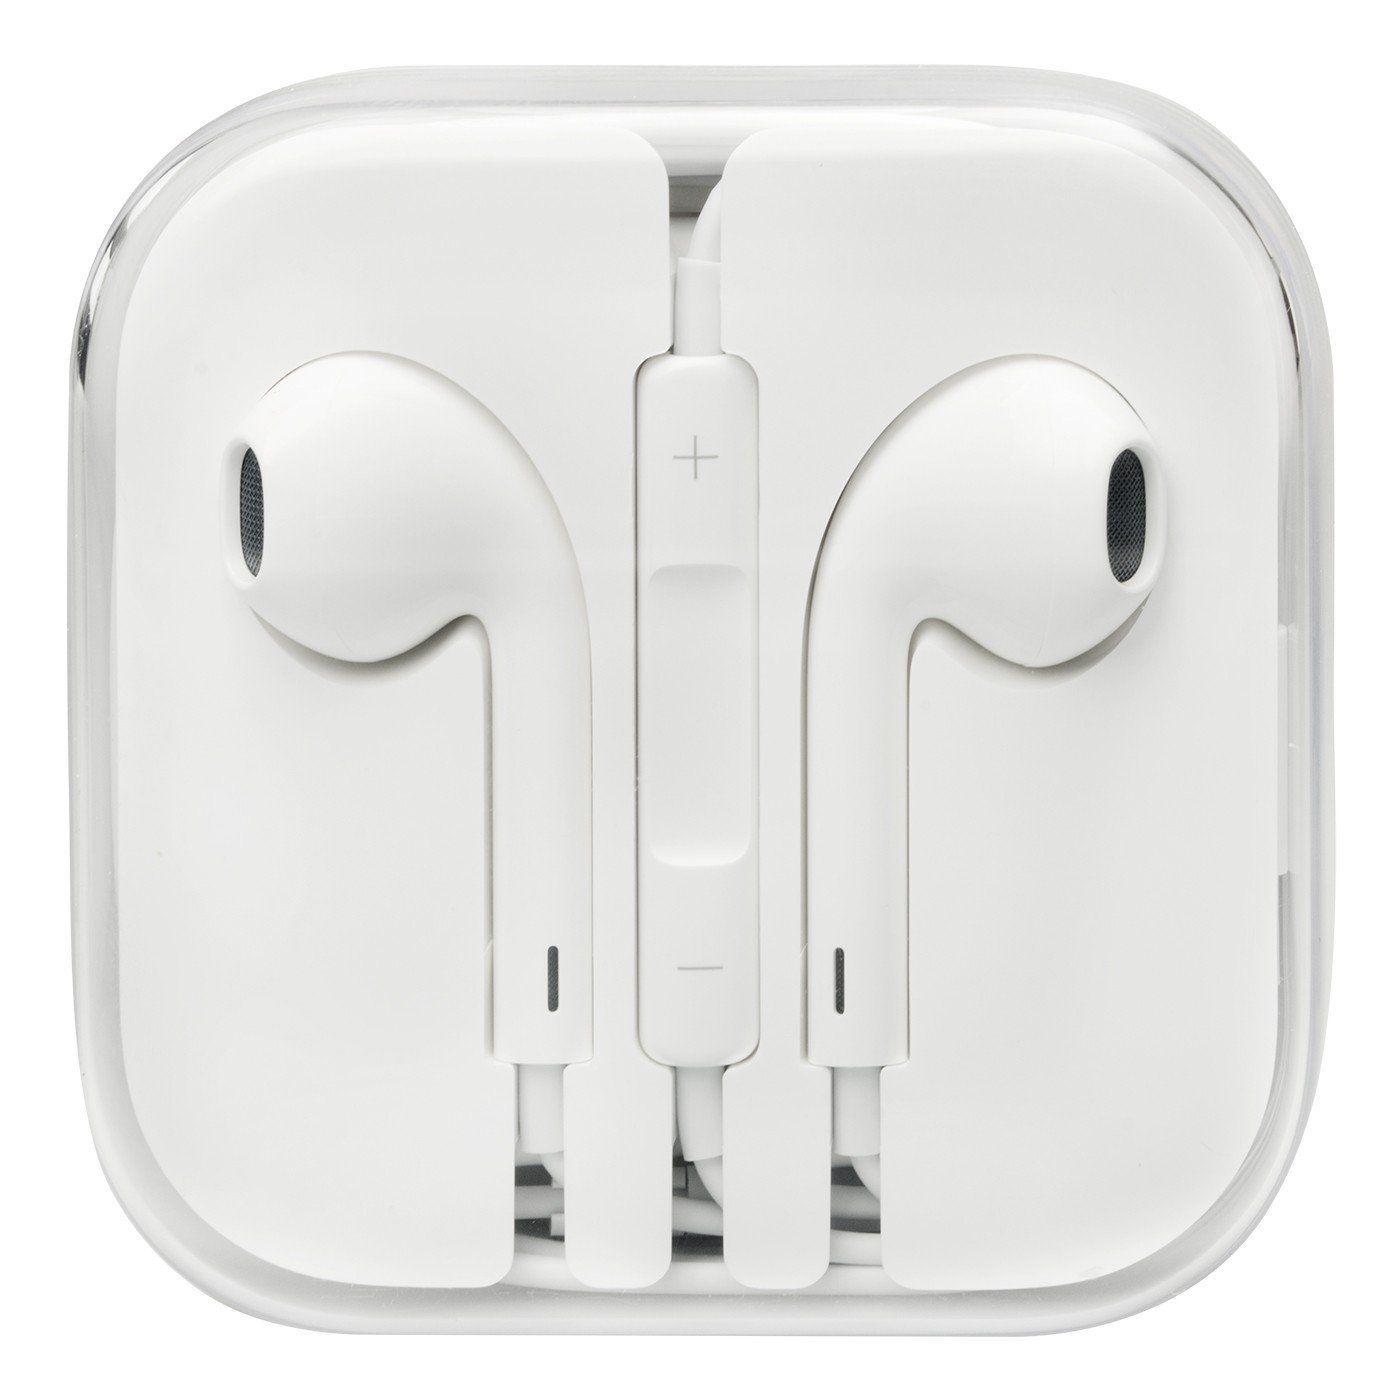 Original Apple Earpods In Ear Headset Mit Mikrofon Und Fernbedienung Remote Mit Aufbewahrungs Und Transporthulle Amazon Apple Earpods Iphone Apple Produkte